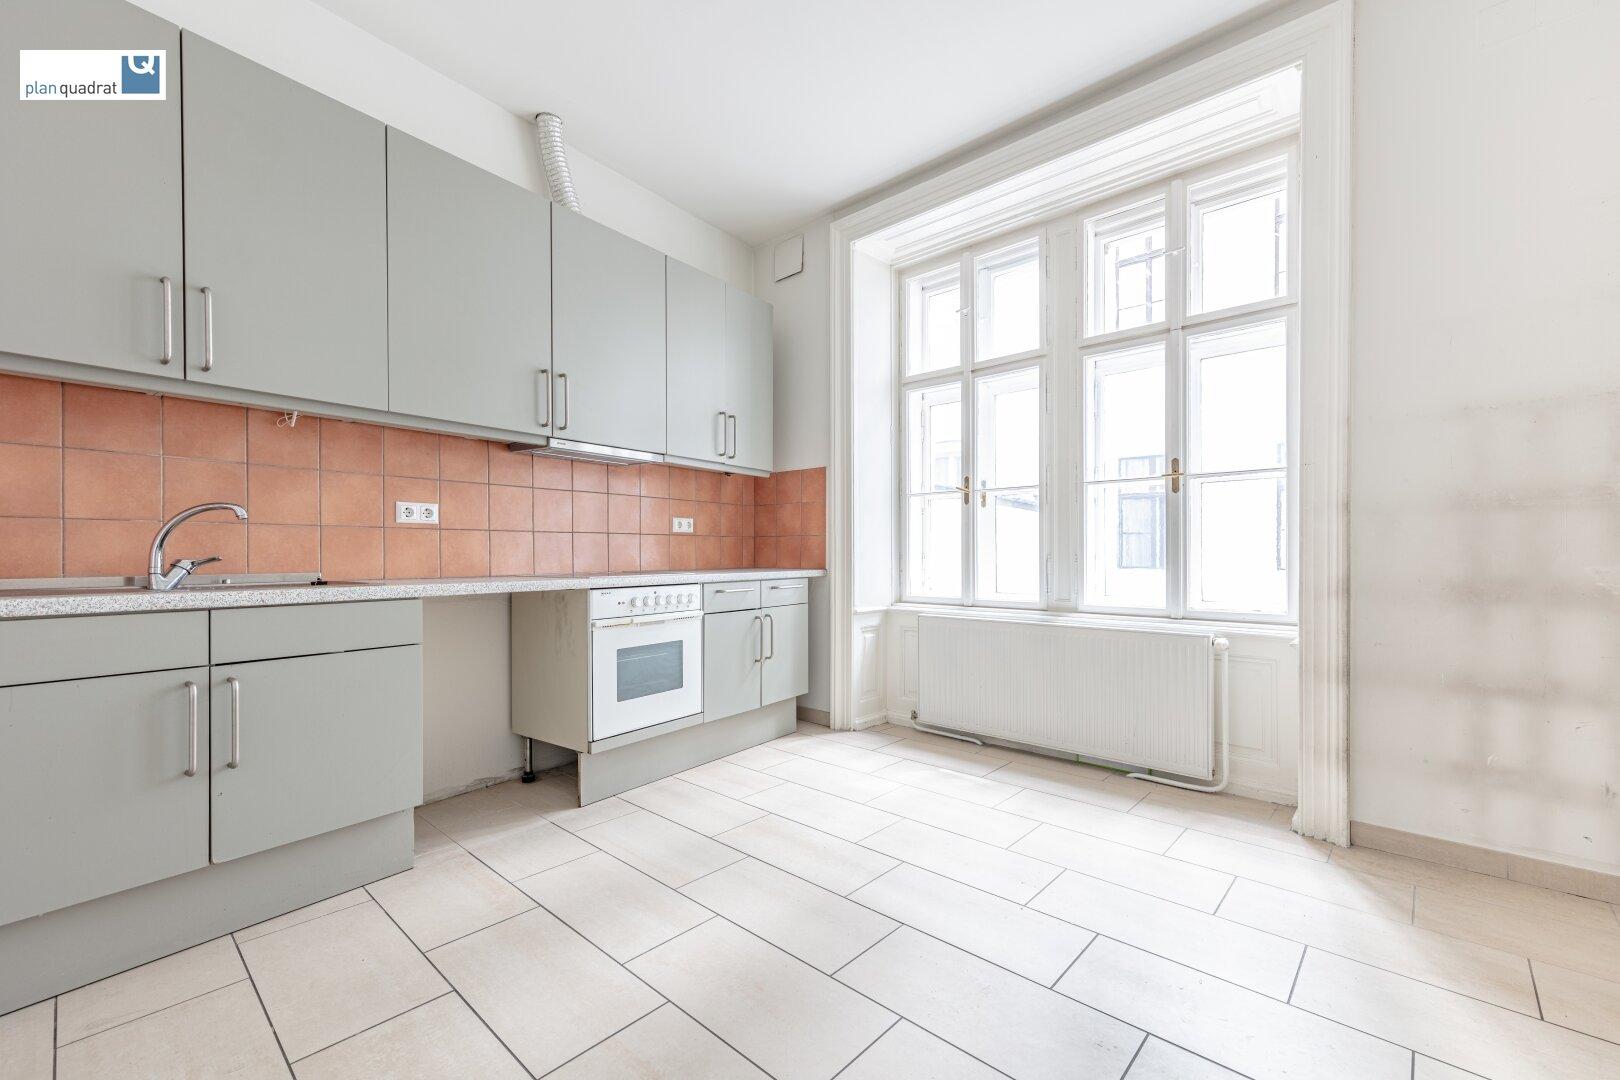 Küche / Pausenraum (ca. 12,60 m²)